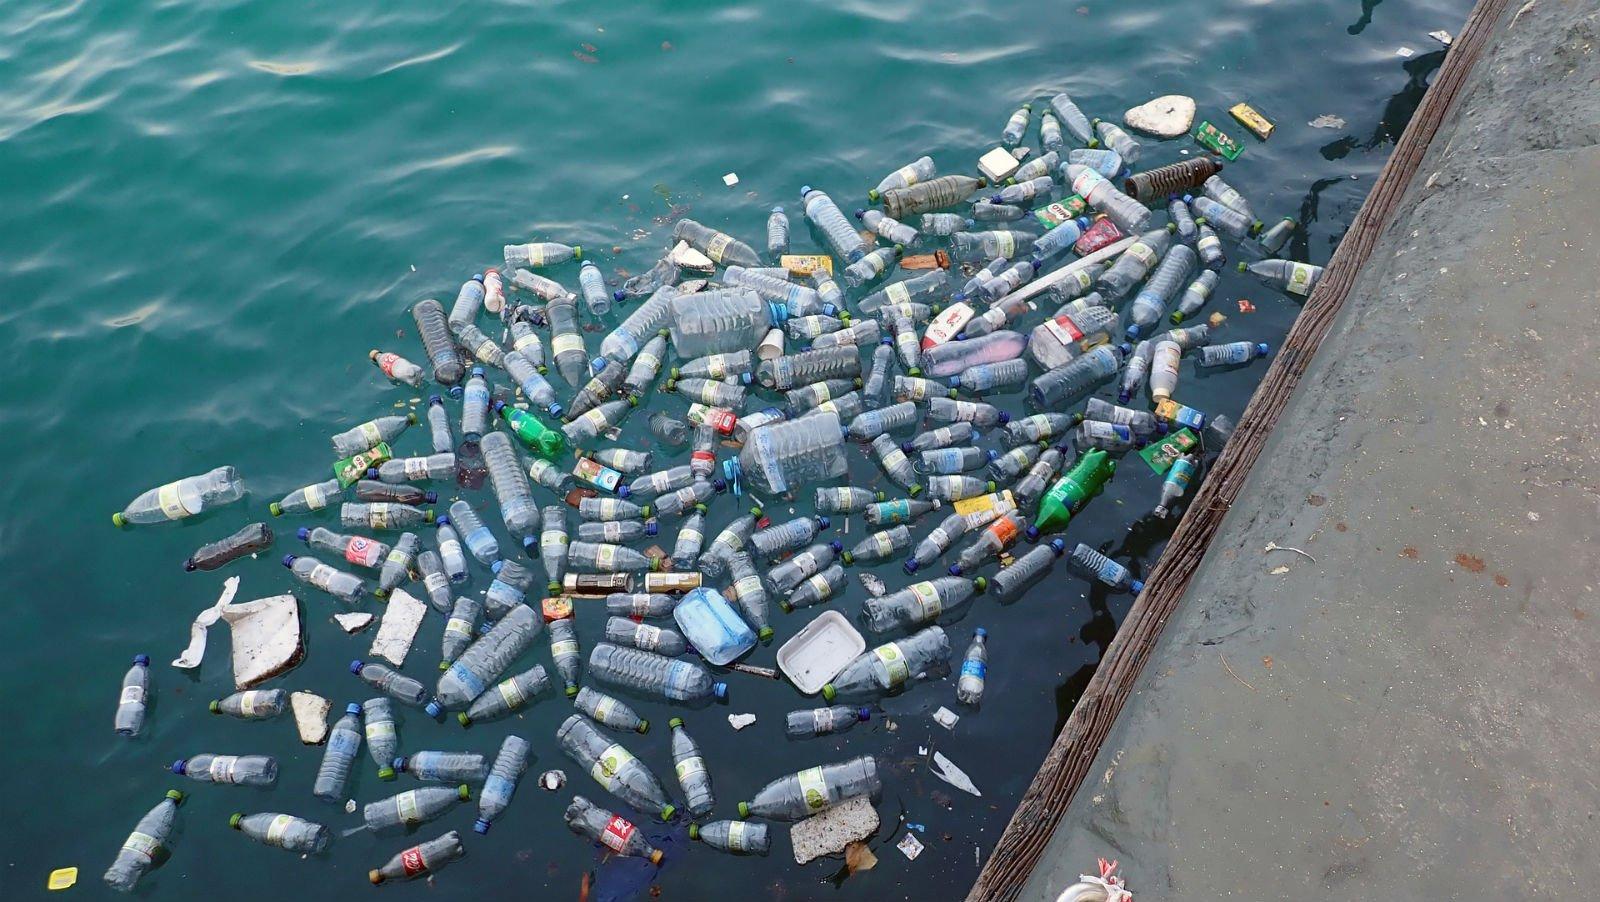 The Plight of Plastic | Zero Waste Journey